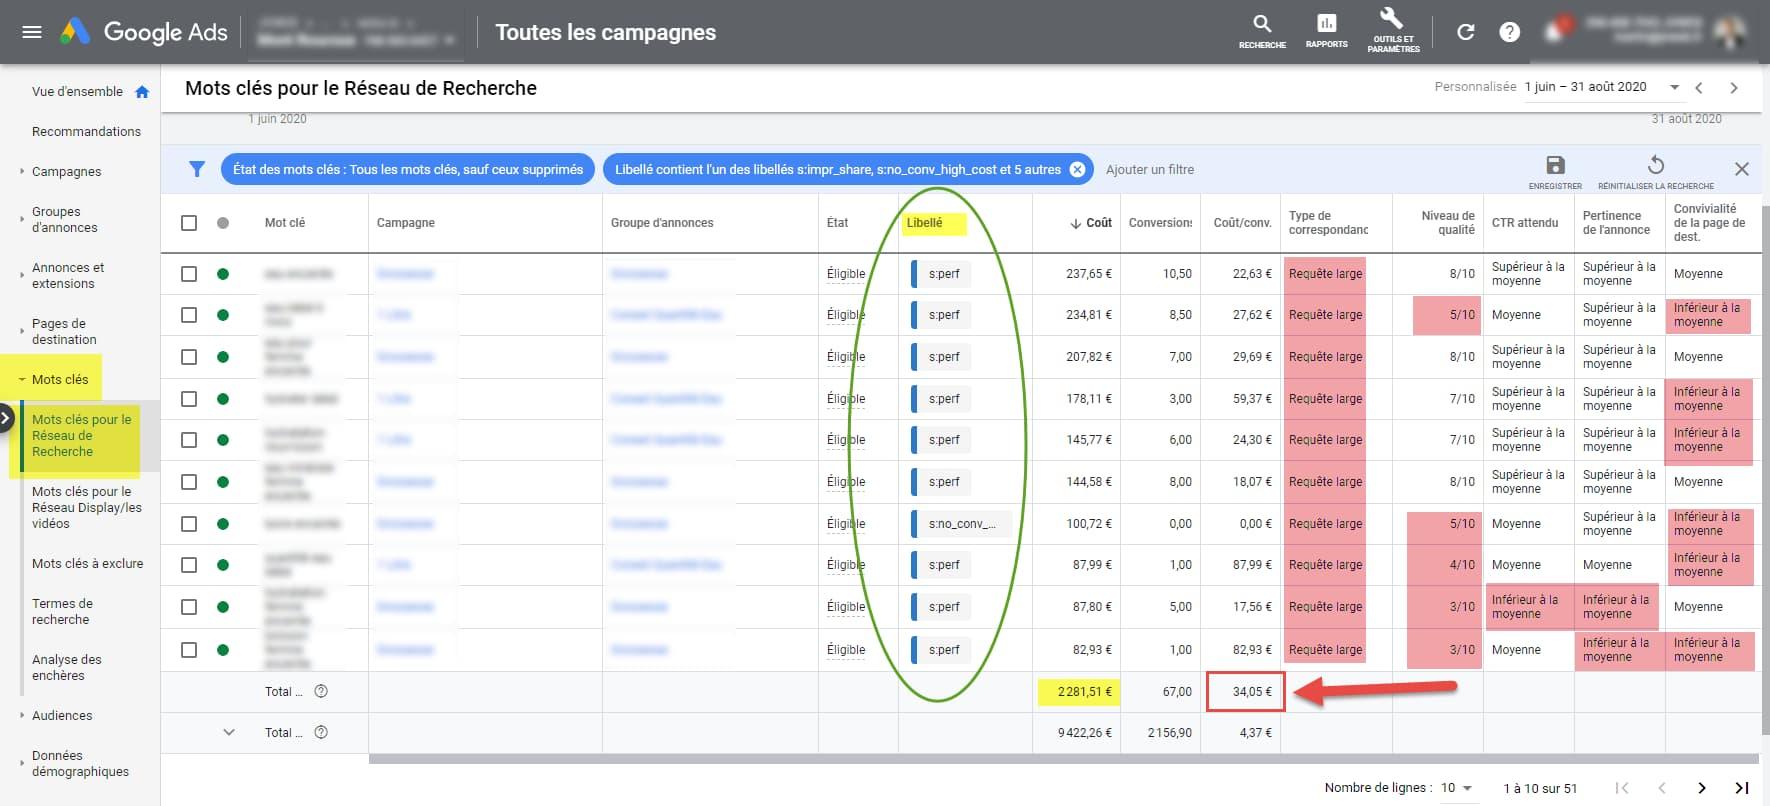 optimisation-mot-clés-google-ads